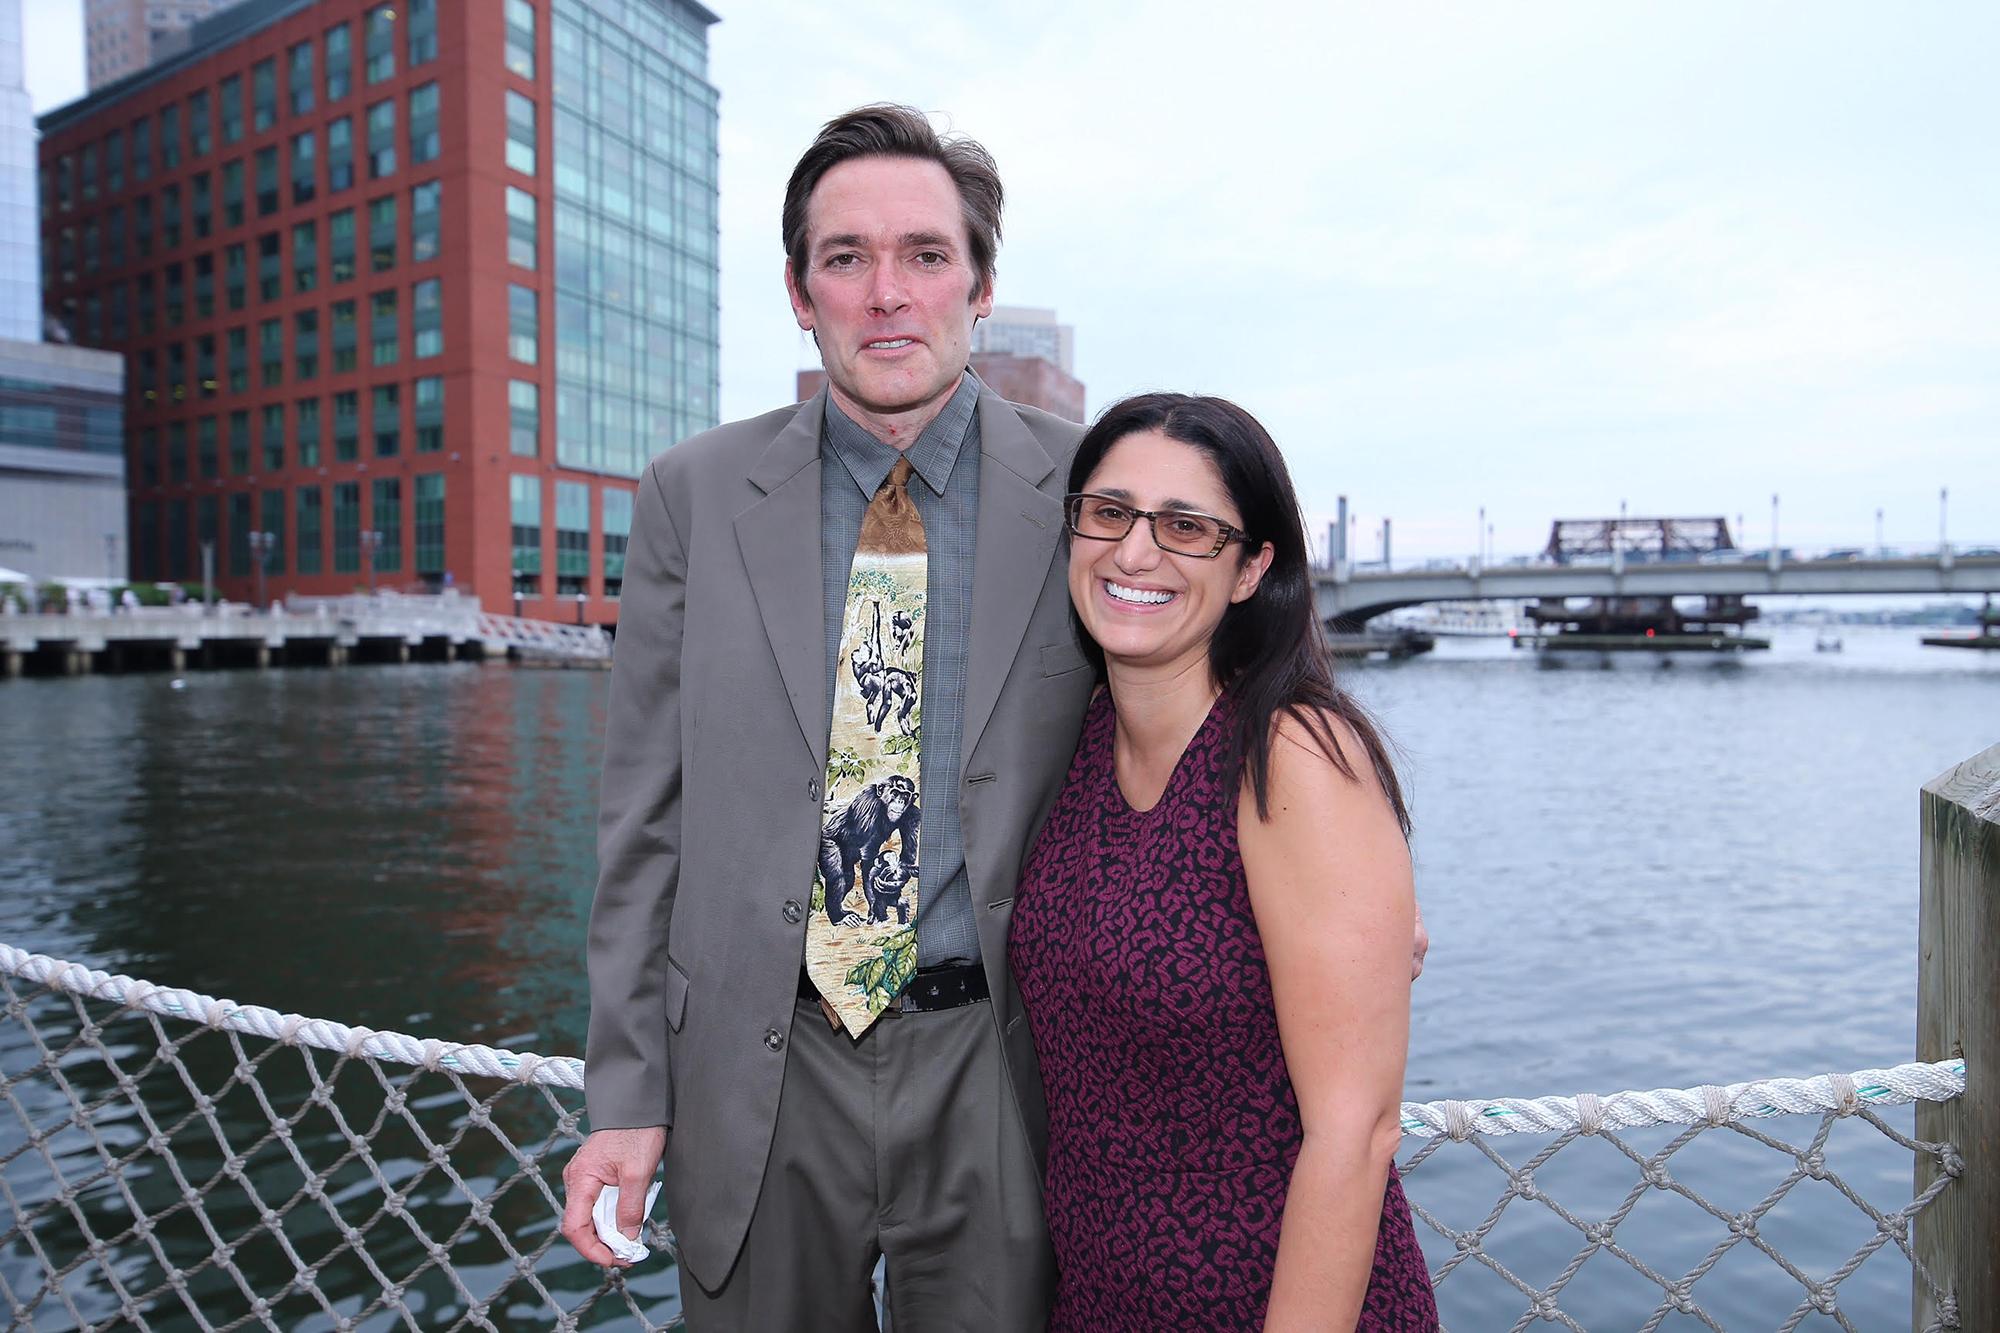 Los profesores Marc Edwards y Mona Hanna-Attisha, ganadores del Disobedience Award.